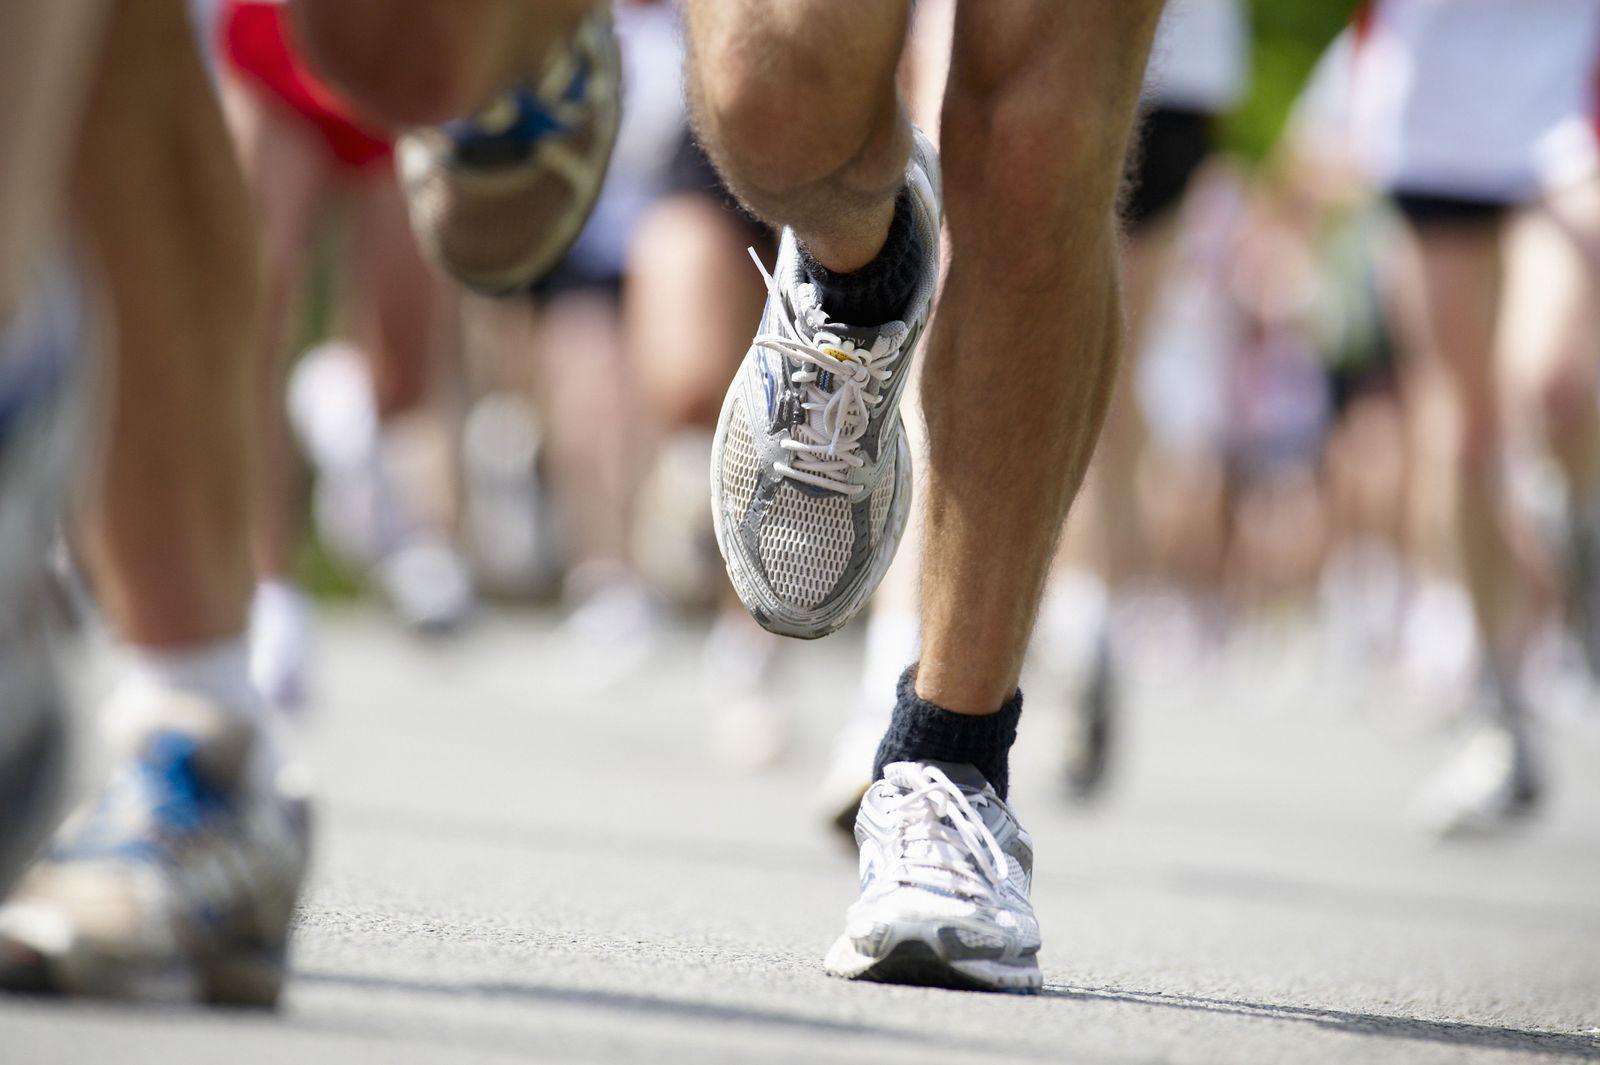 NICHT MEHR VERWENDEN! - Marathon / Läufer / Jogger